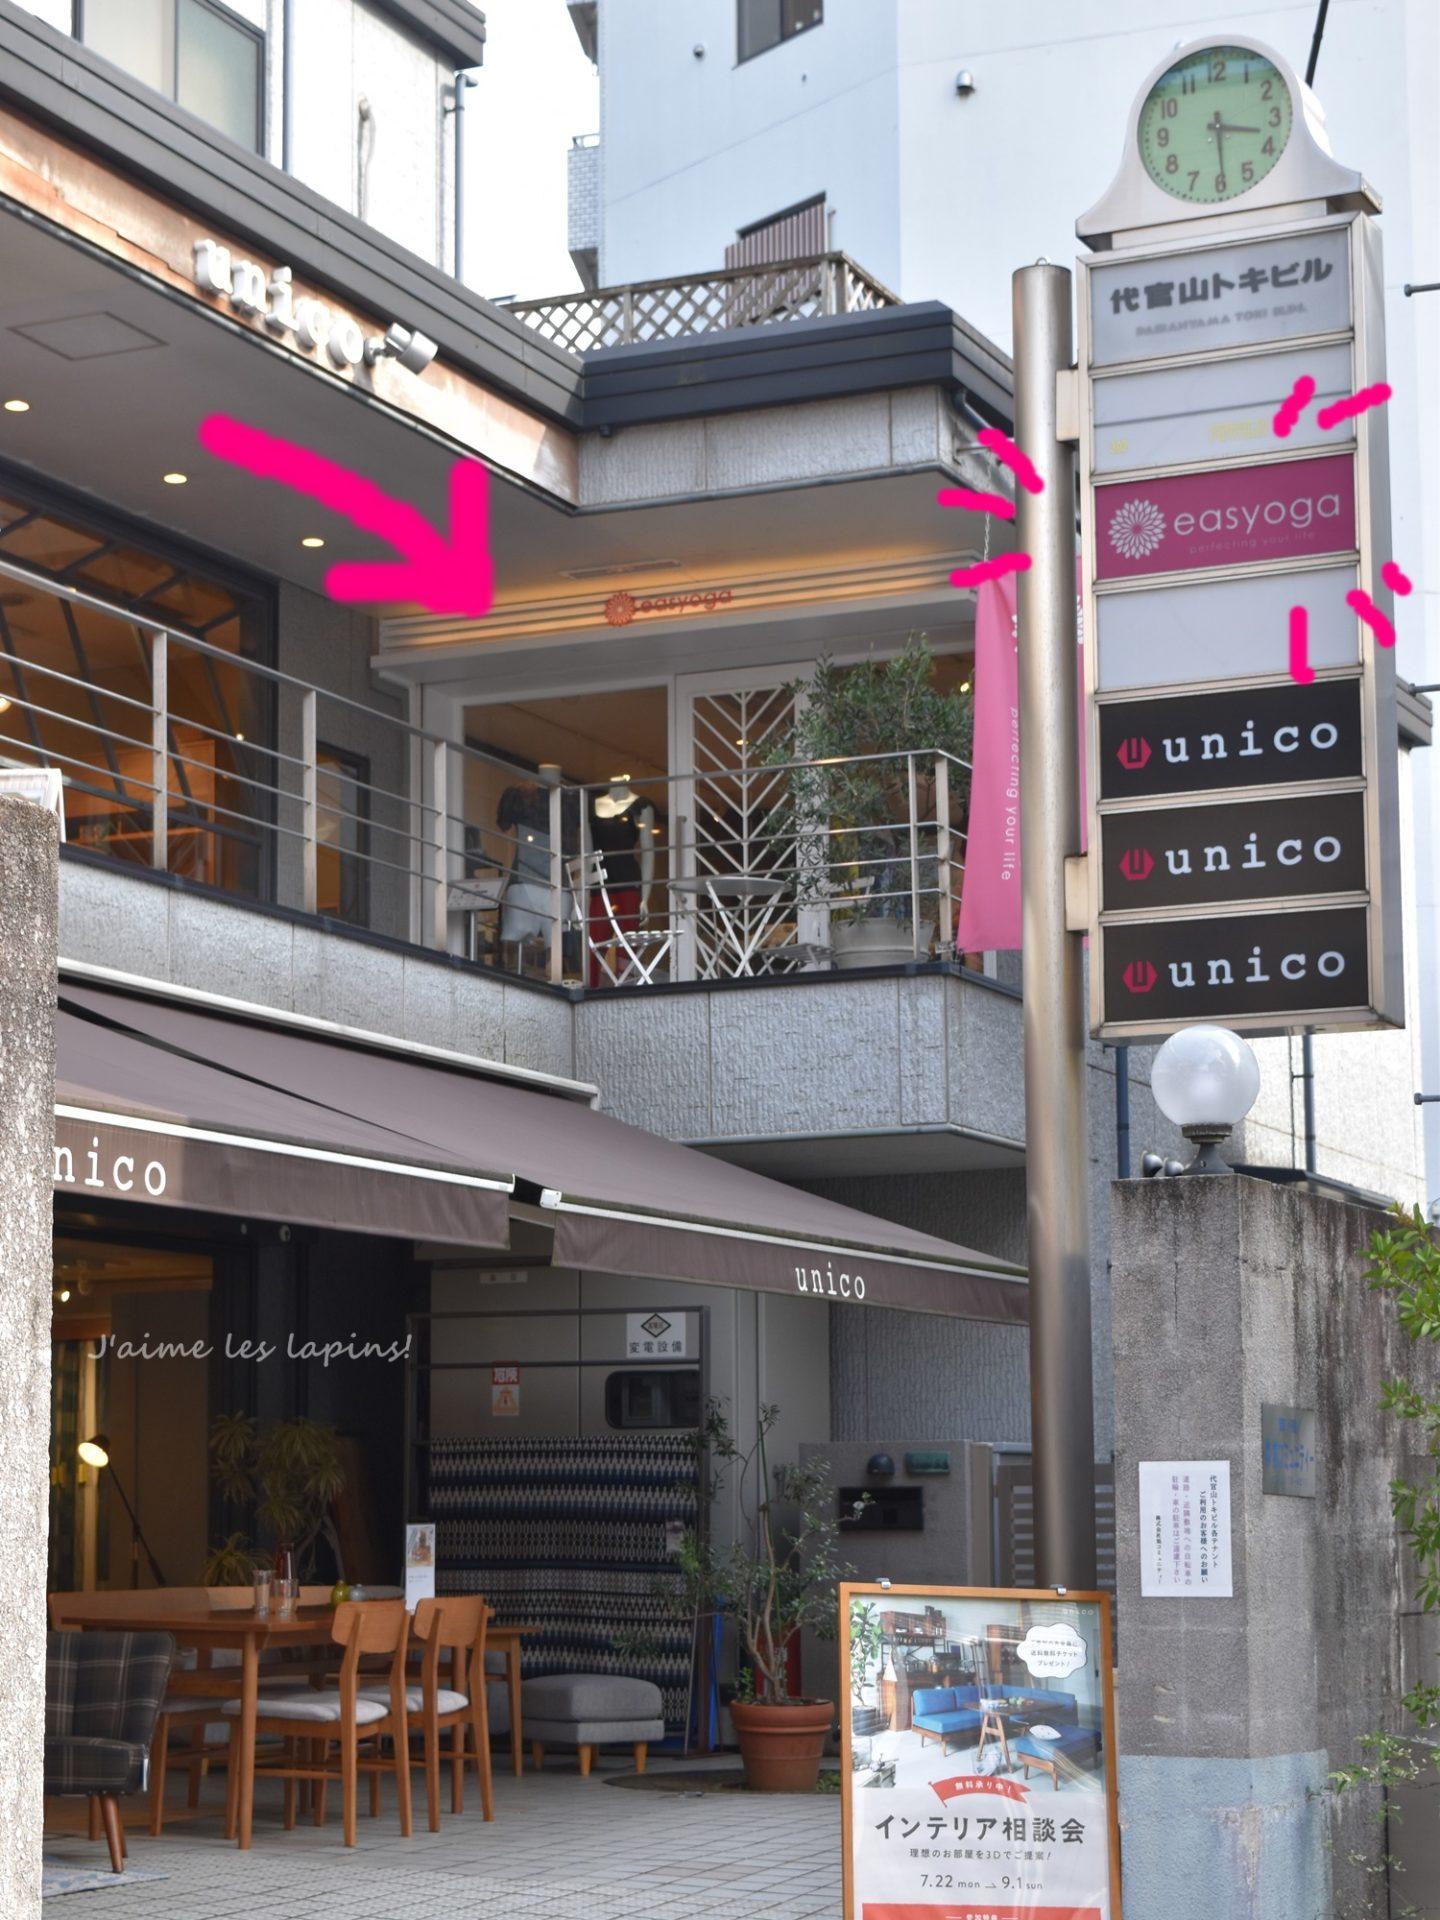 イージーヨガ代官山実店舗は2階